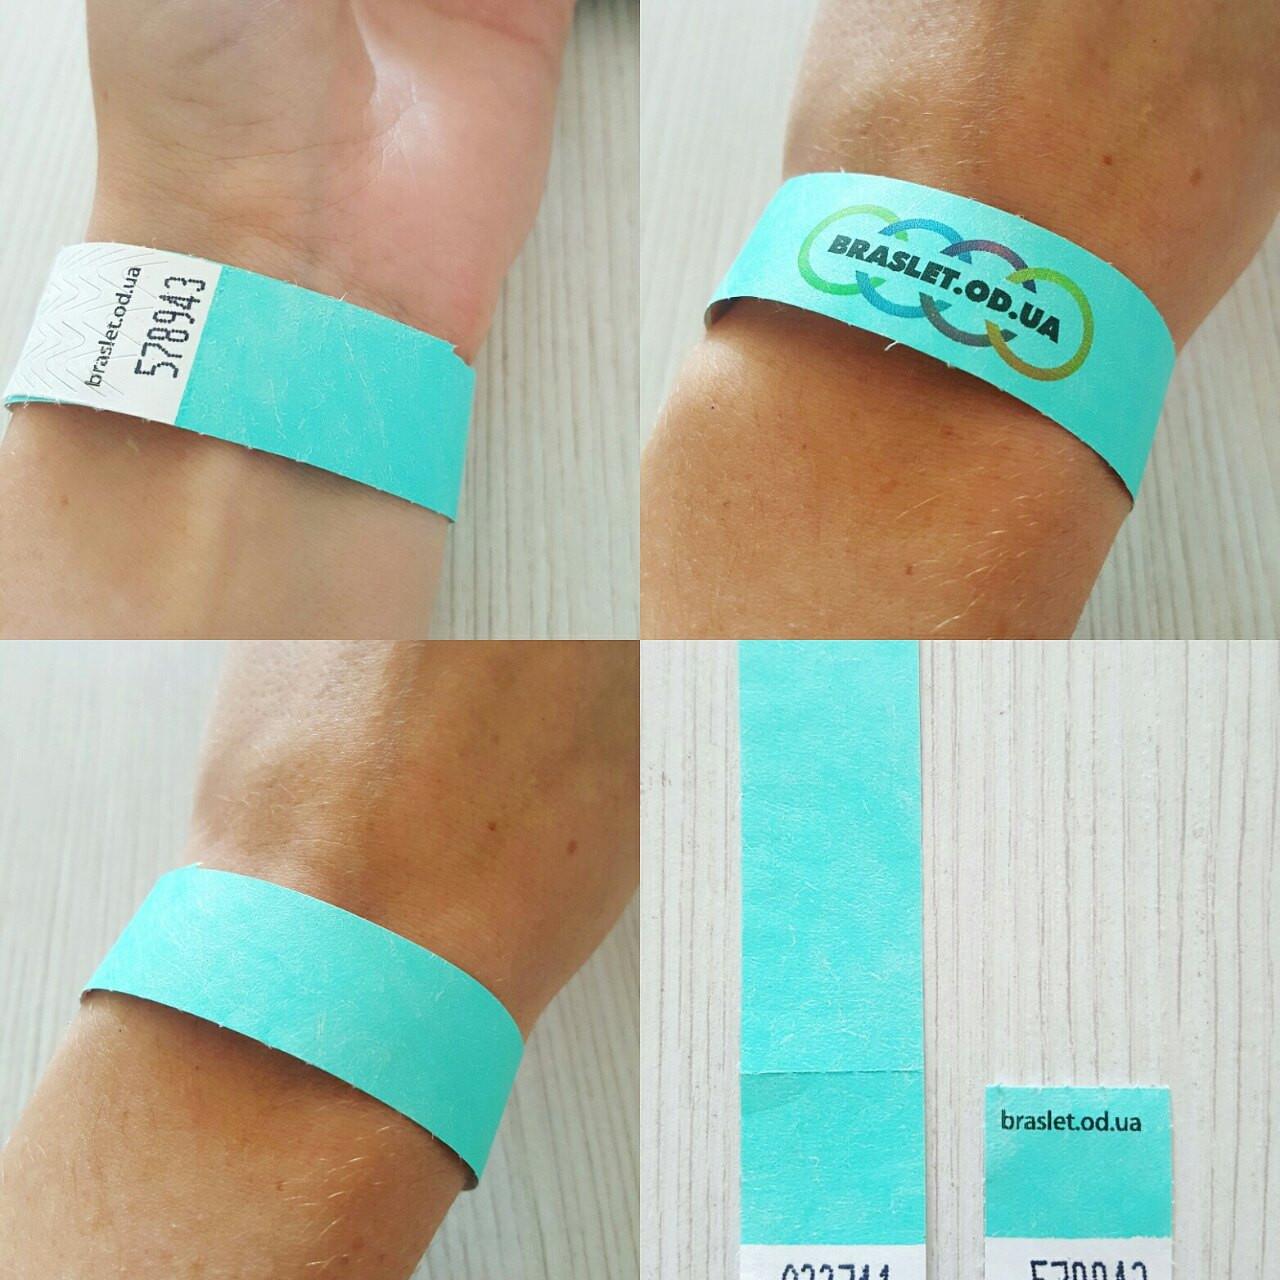 Бумажные контрольные браслеты tyvek с отрывной частью и двойной  Бумажные контрольные браслеты tyvek с отрывной частью и двойной нумерацией фото 1